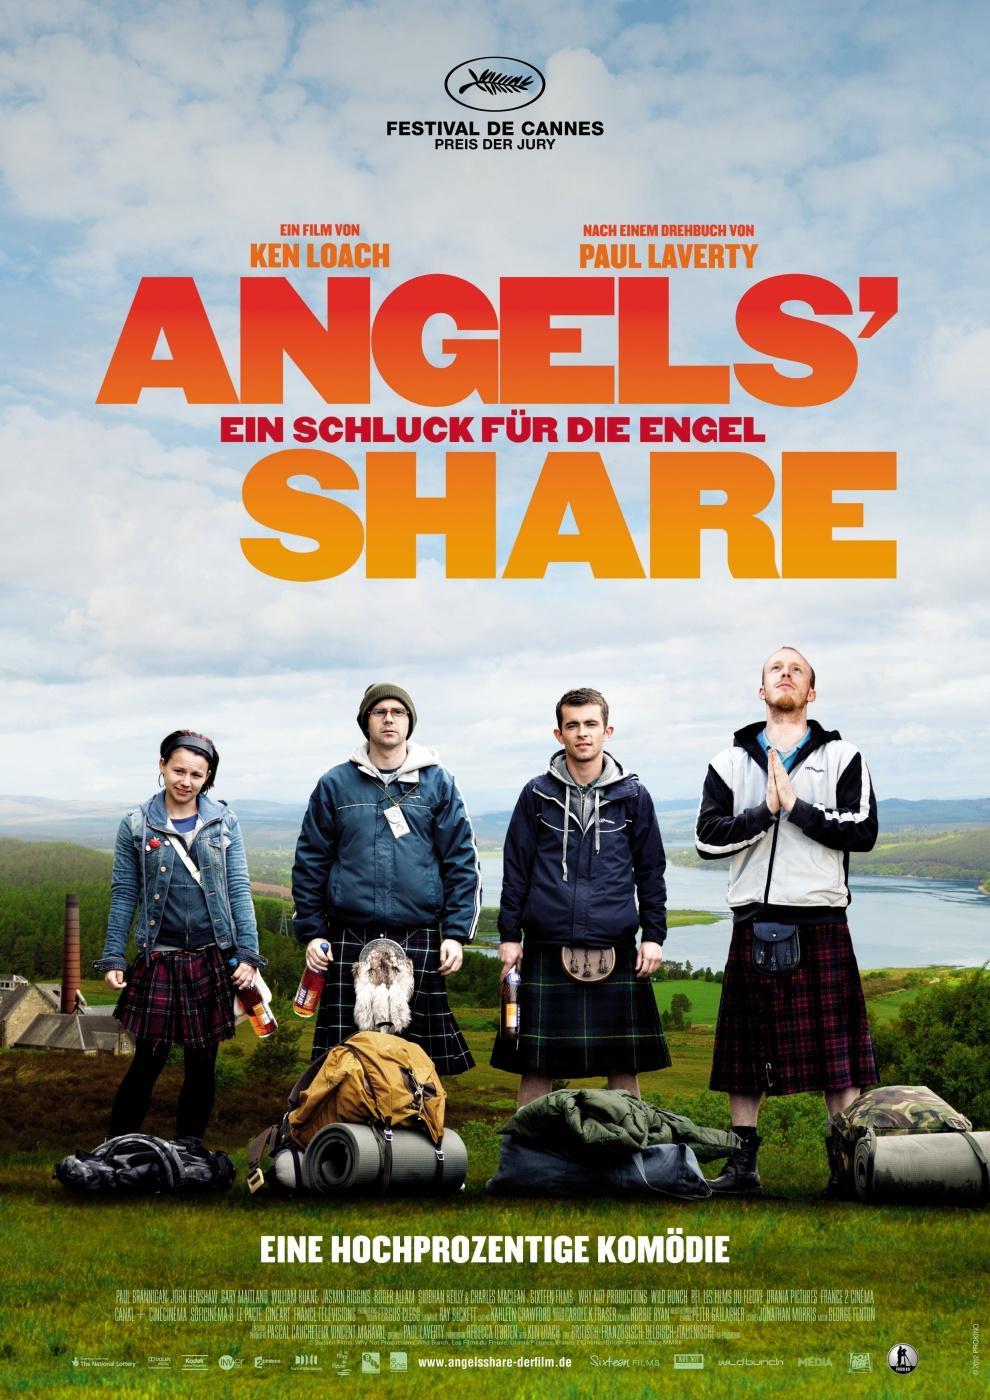 Angels' Share - Ein Schluck für die Engel (Poster)